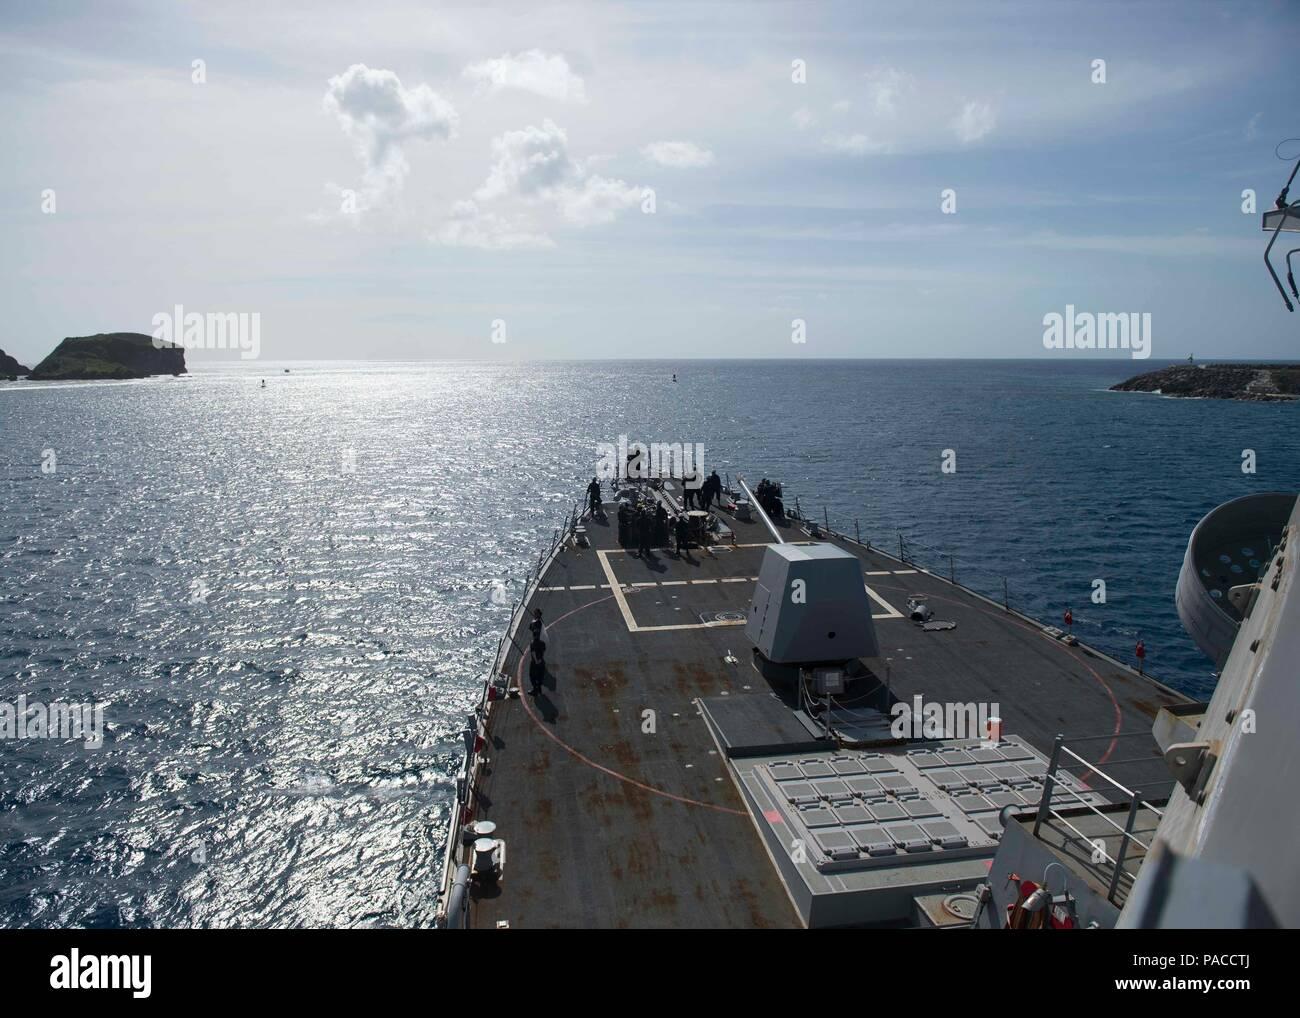 La base naval de Guam (14 de marzo de 2016) Los misiles guiados Burke-Class Arleigh destructor USS McCampbell (DDG 85) sale de la bahía. McCampbell es en patrullas de la séptima Flota de la zona de operaciones en apoyo de la seguridad y la estabilidad en la Indo-Asia-Pacífico. (Ee.Uu. Navy photo by Mass Communication Specialist 2nd Class Bryan Jackson/liberado) Foto de stock